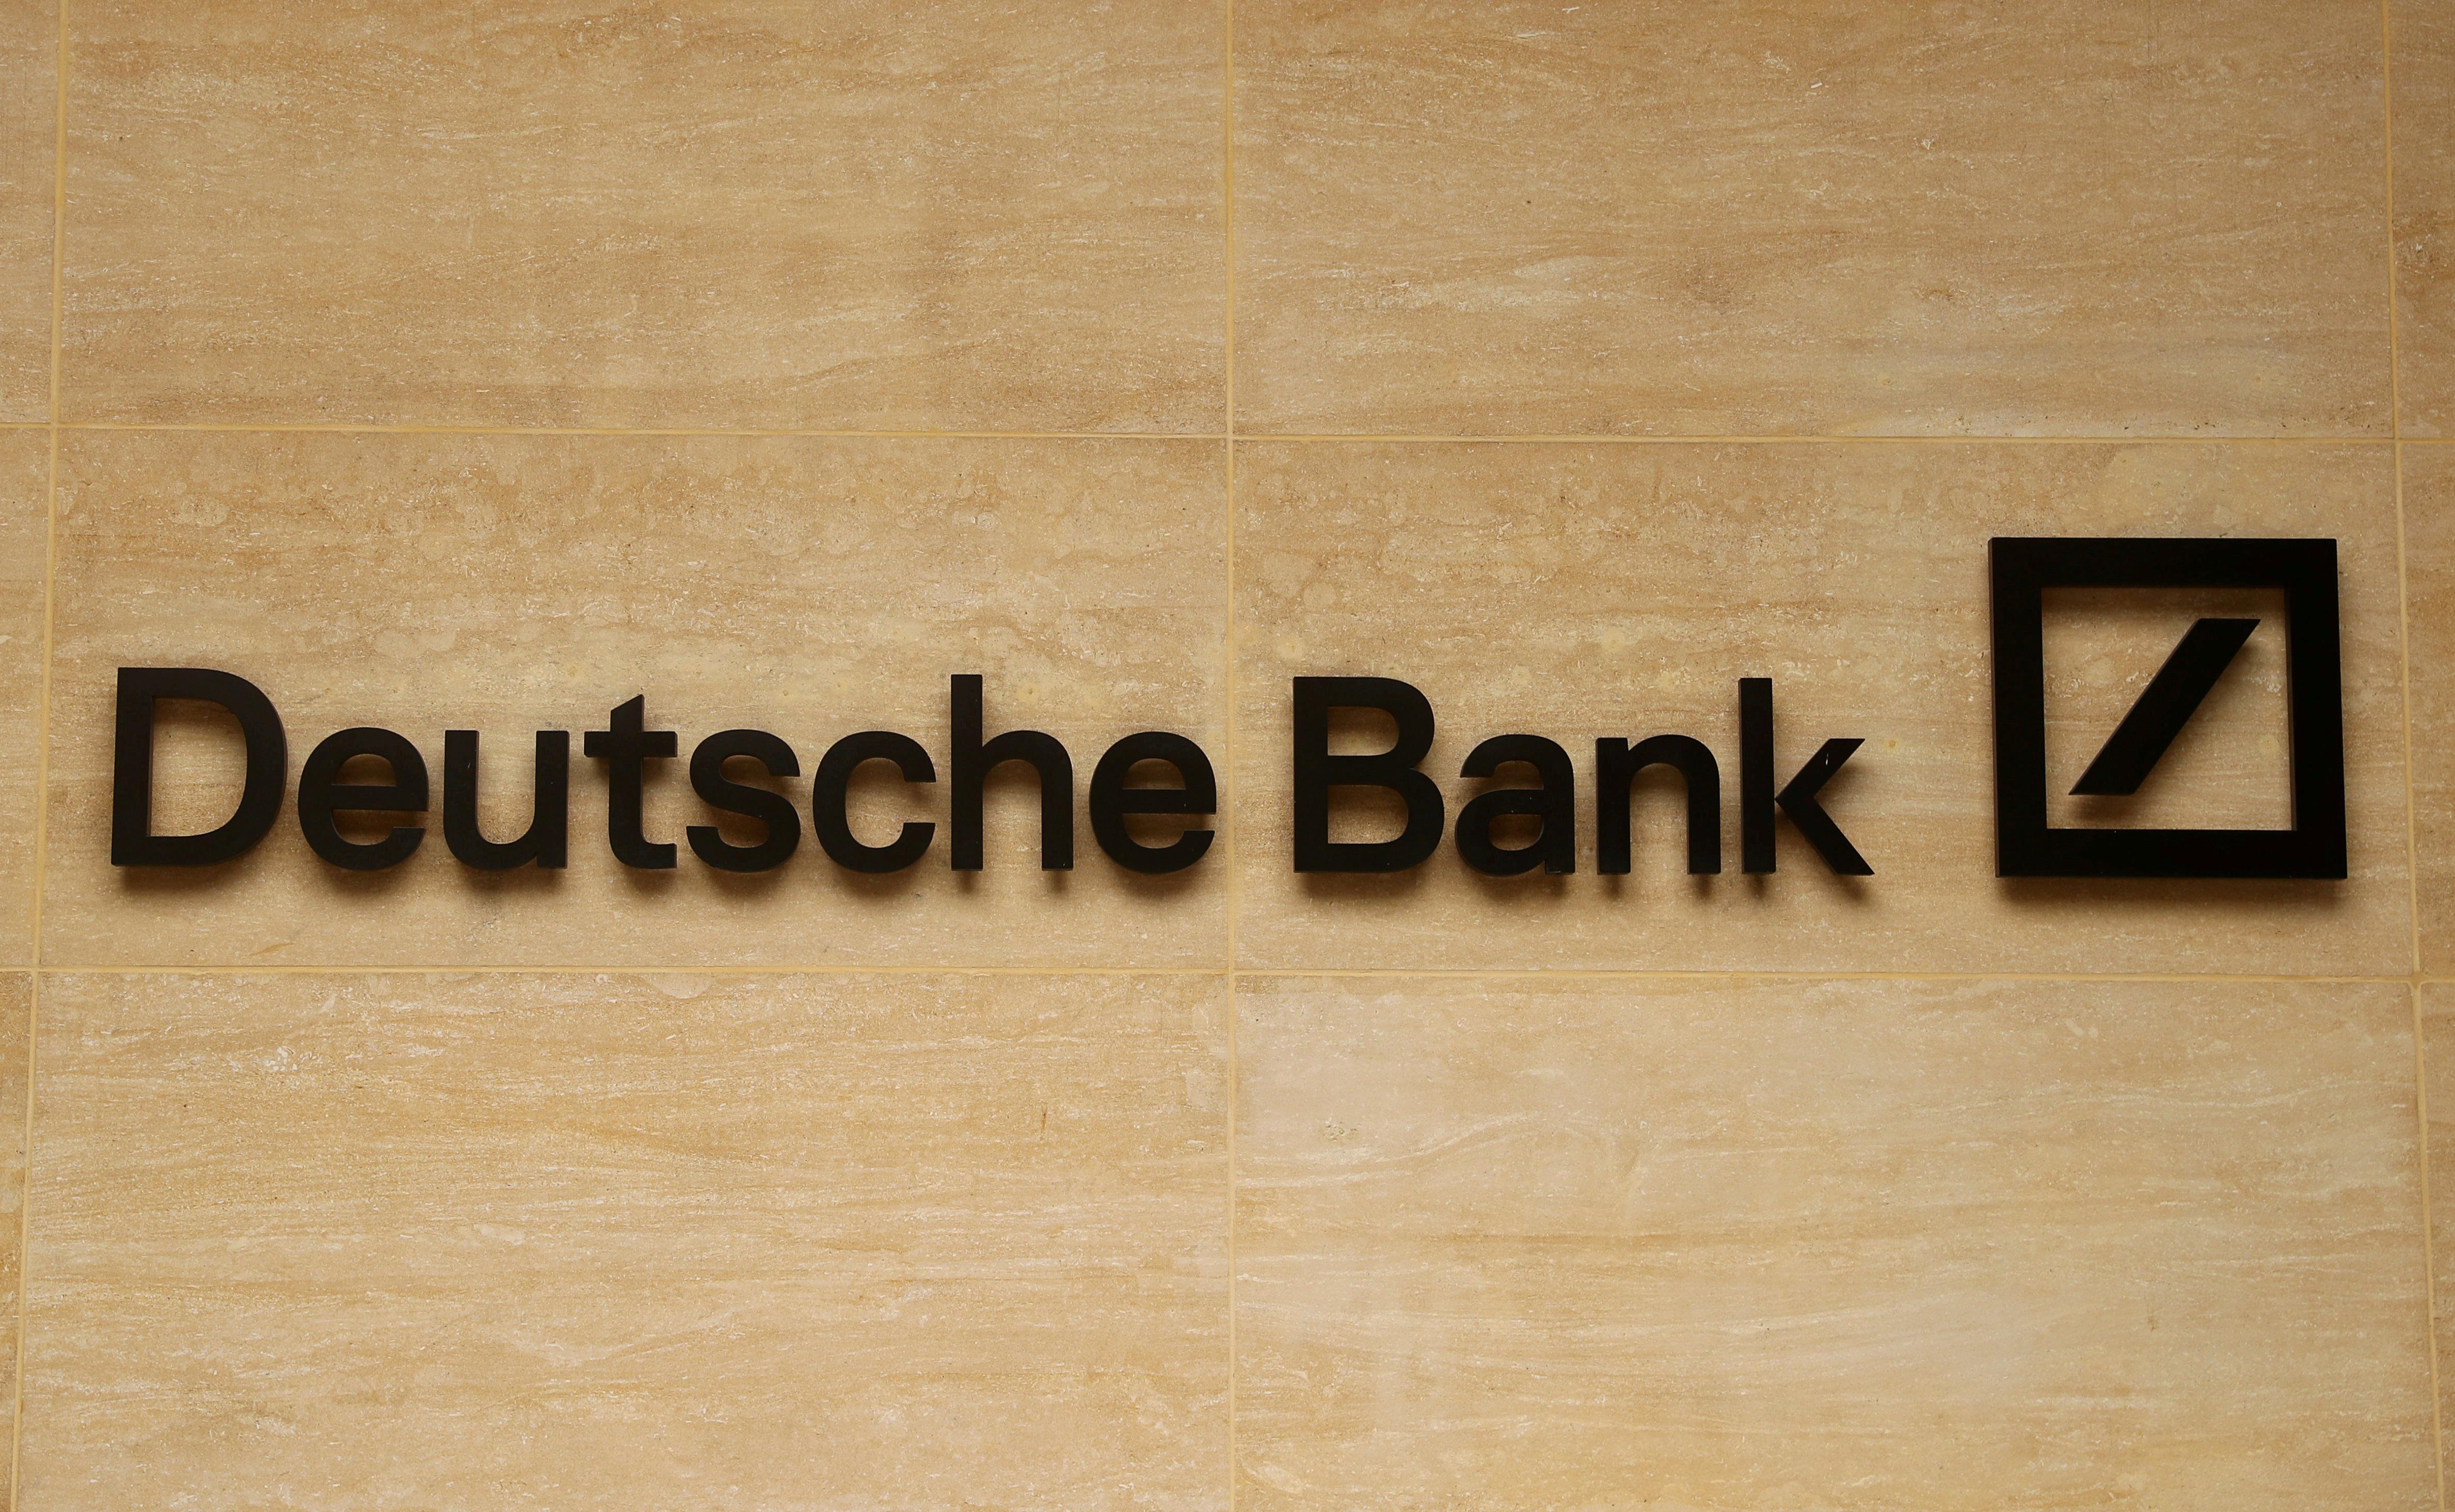 Deutsche Bank tightens worldwide procedures on new hires: memo